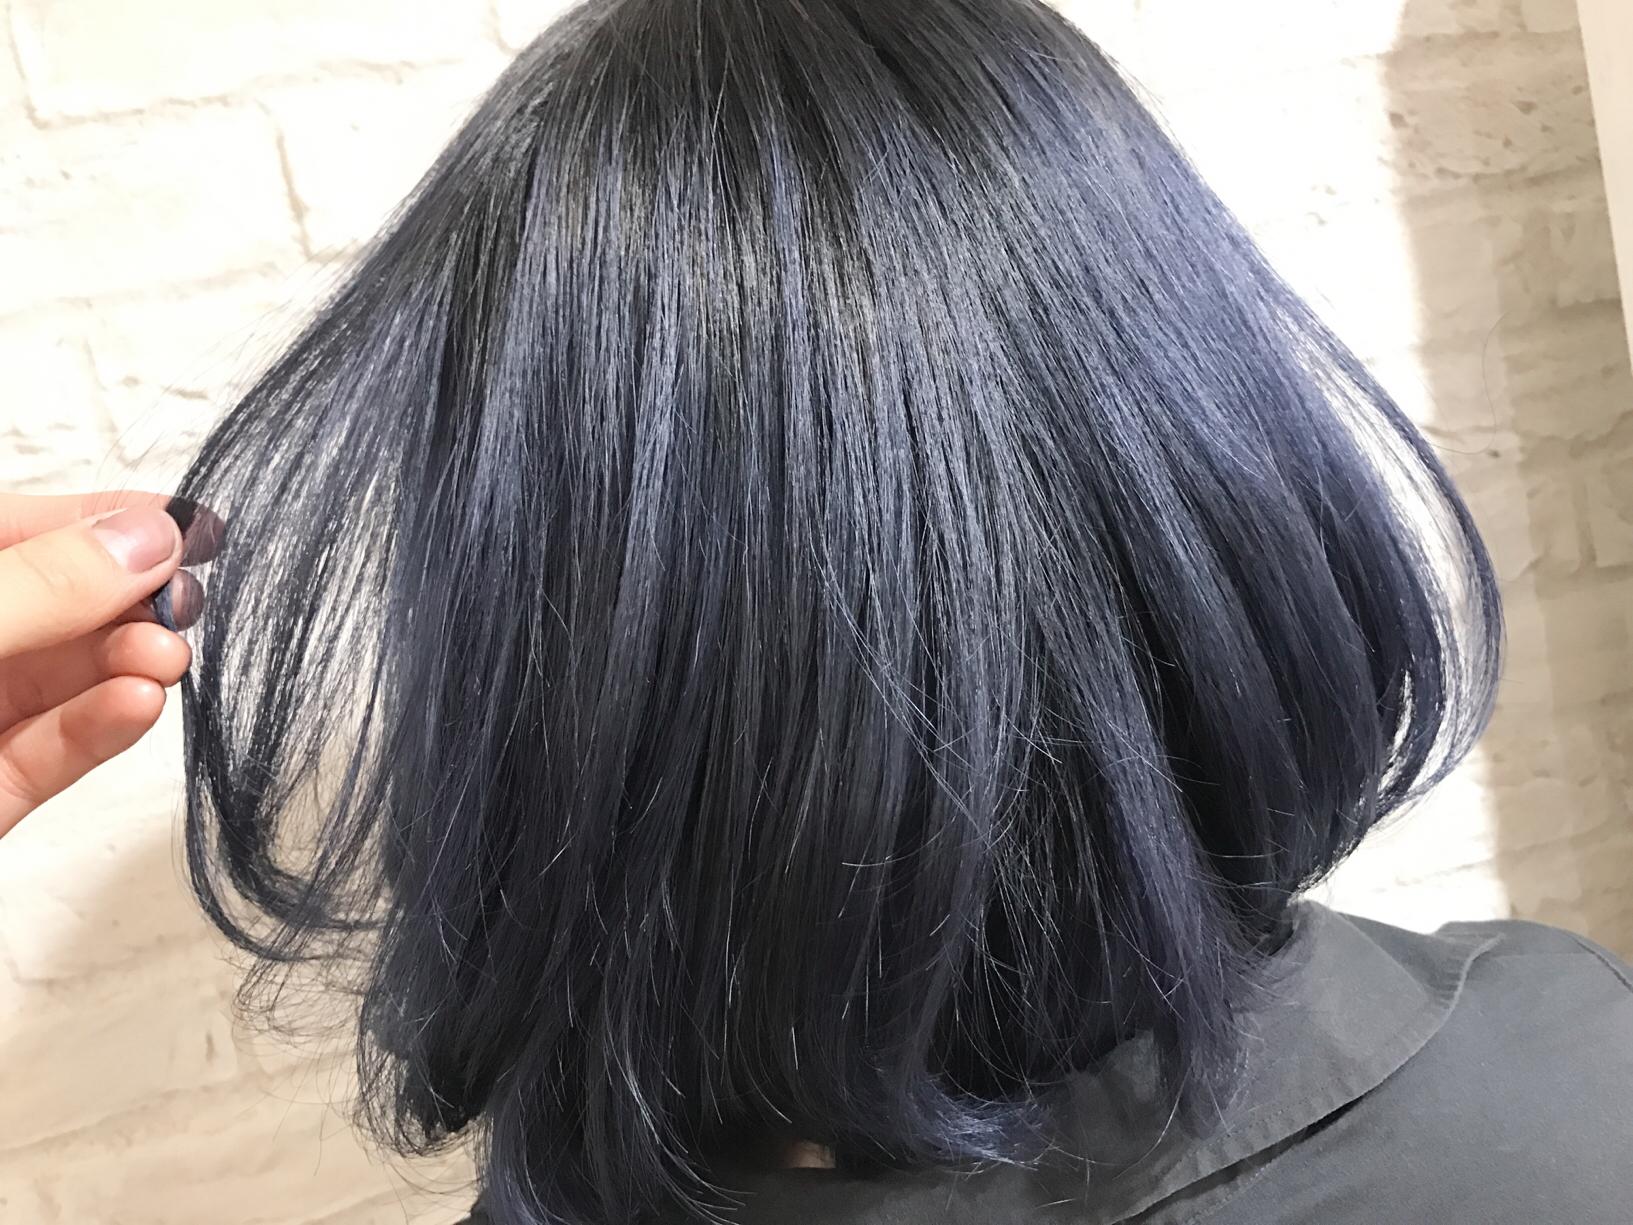 ブルー なし ネイビー ブリーチ 今、人気のネイビーグレーに染めるのに必要なベースの明るさについて